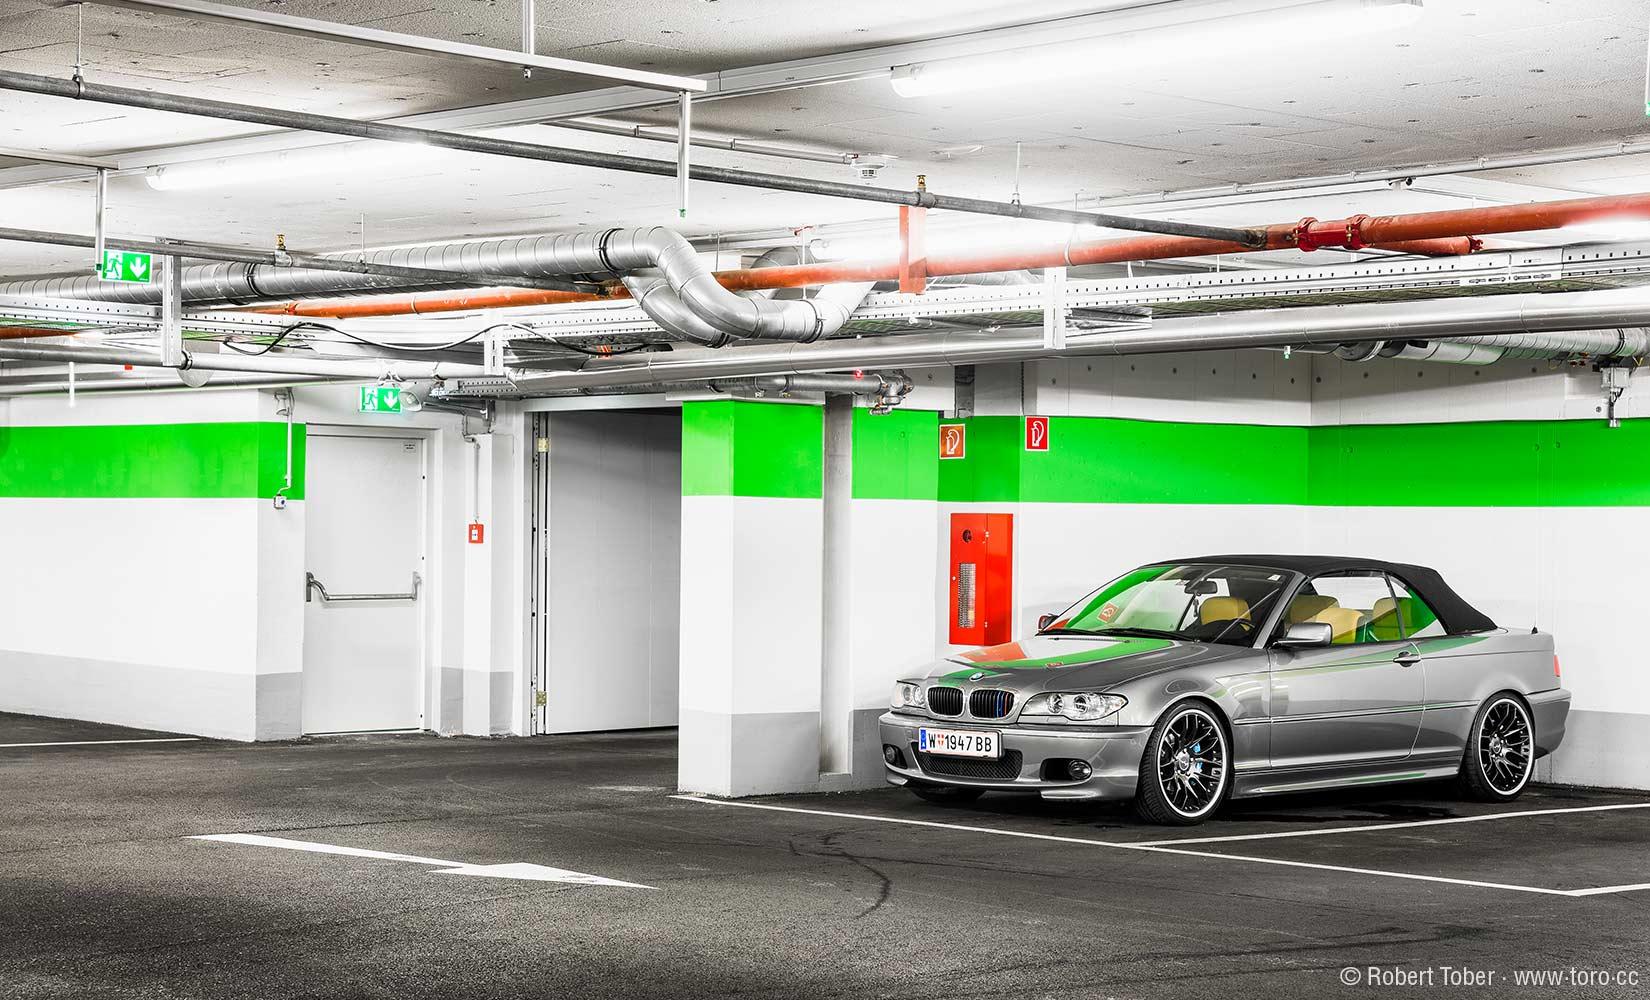 Tiefgarage mit einem BMW M Cabrio. Sprinkleranlage an der Decke, Wandhydrant und Fluchtwegskennzeichnungen © Robert Tober